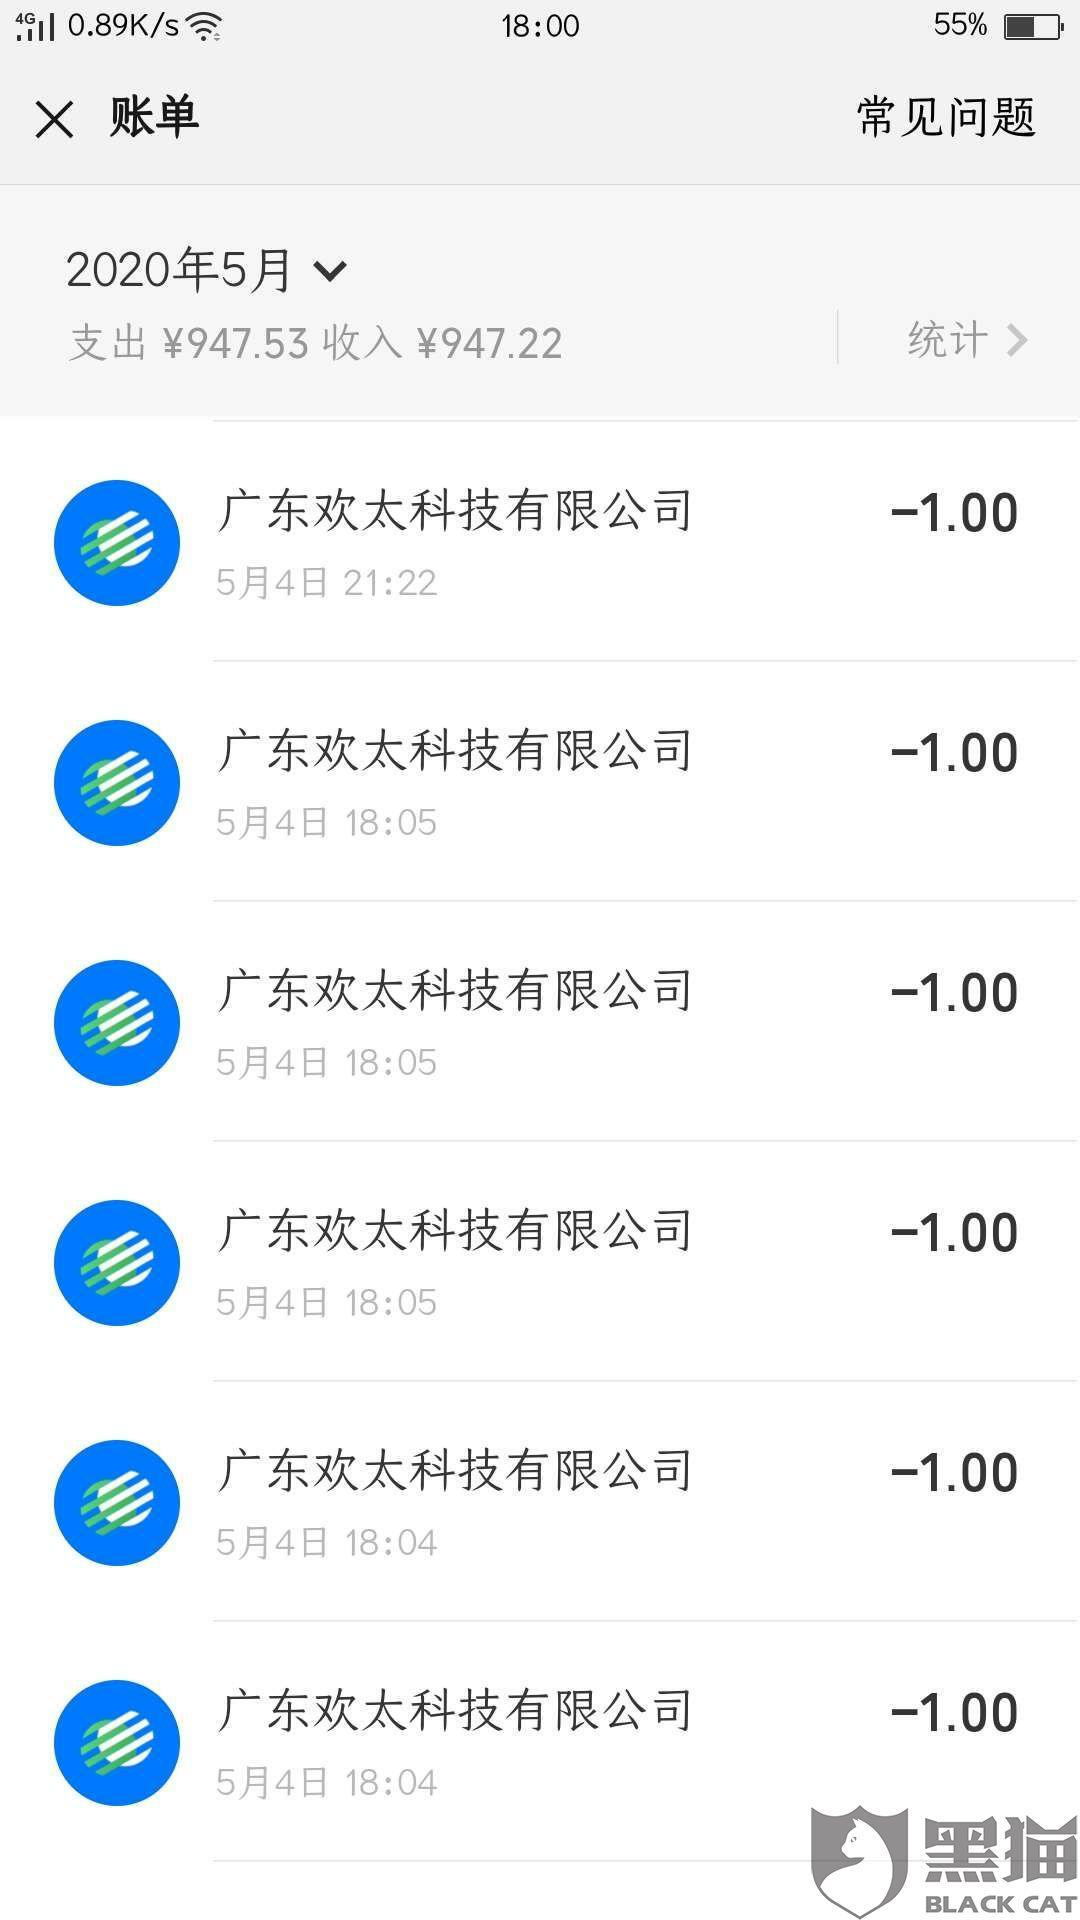 黑猫投诉:广东欢太科技诱导未成年消费